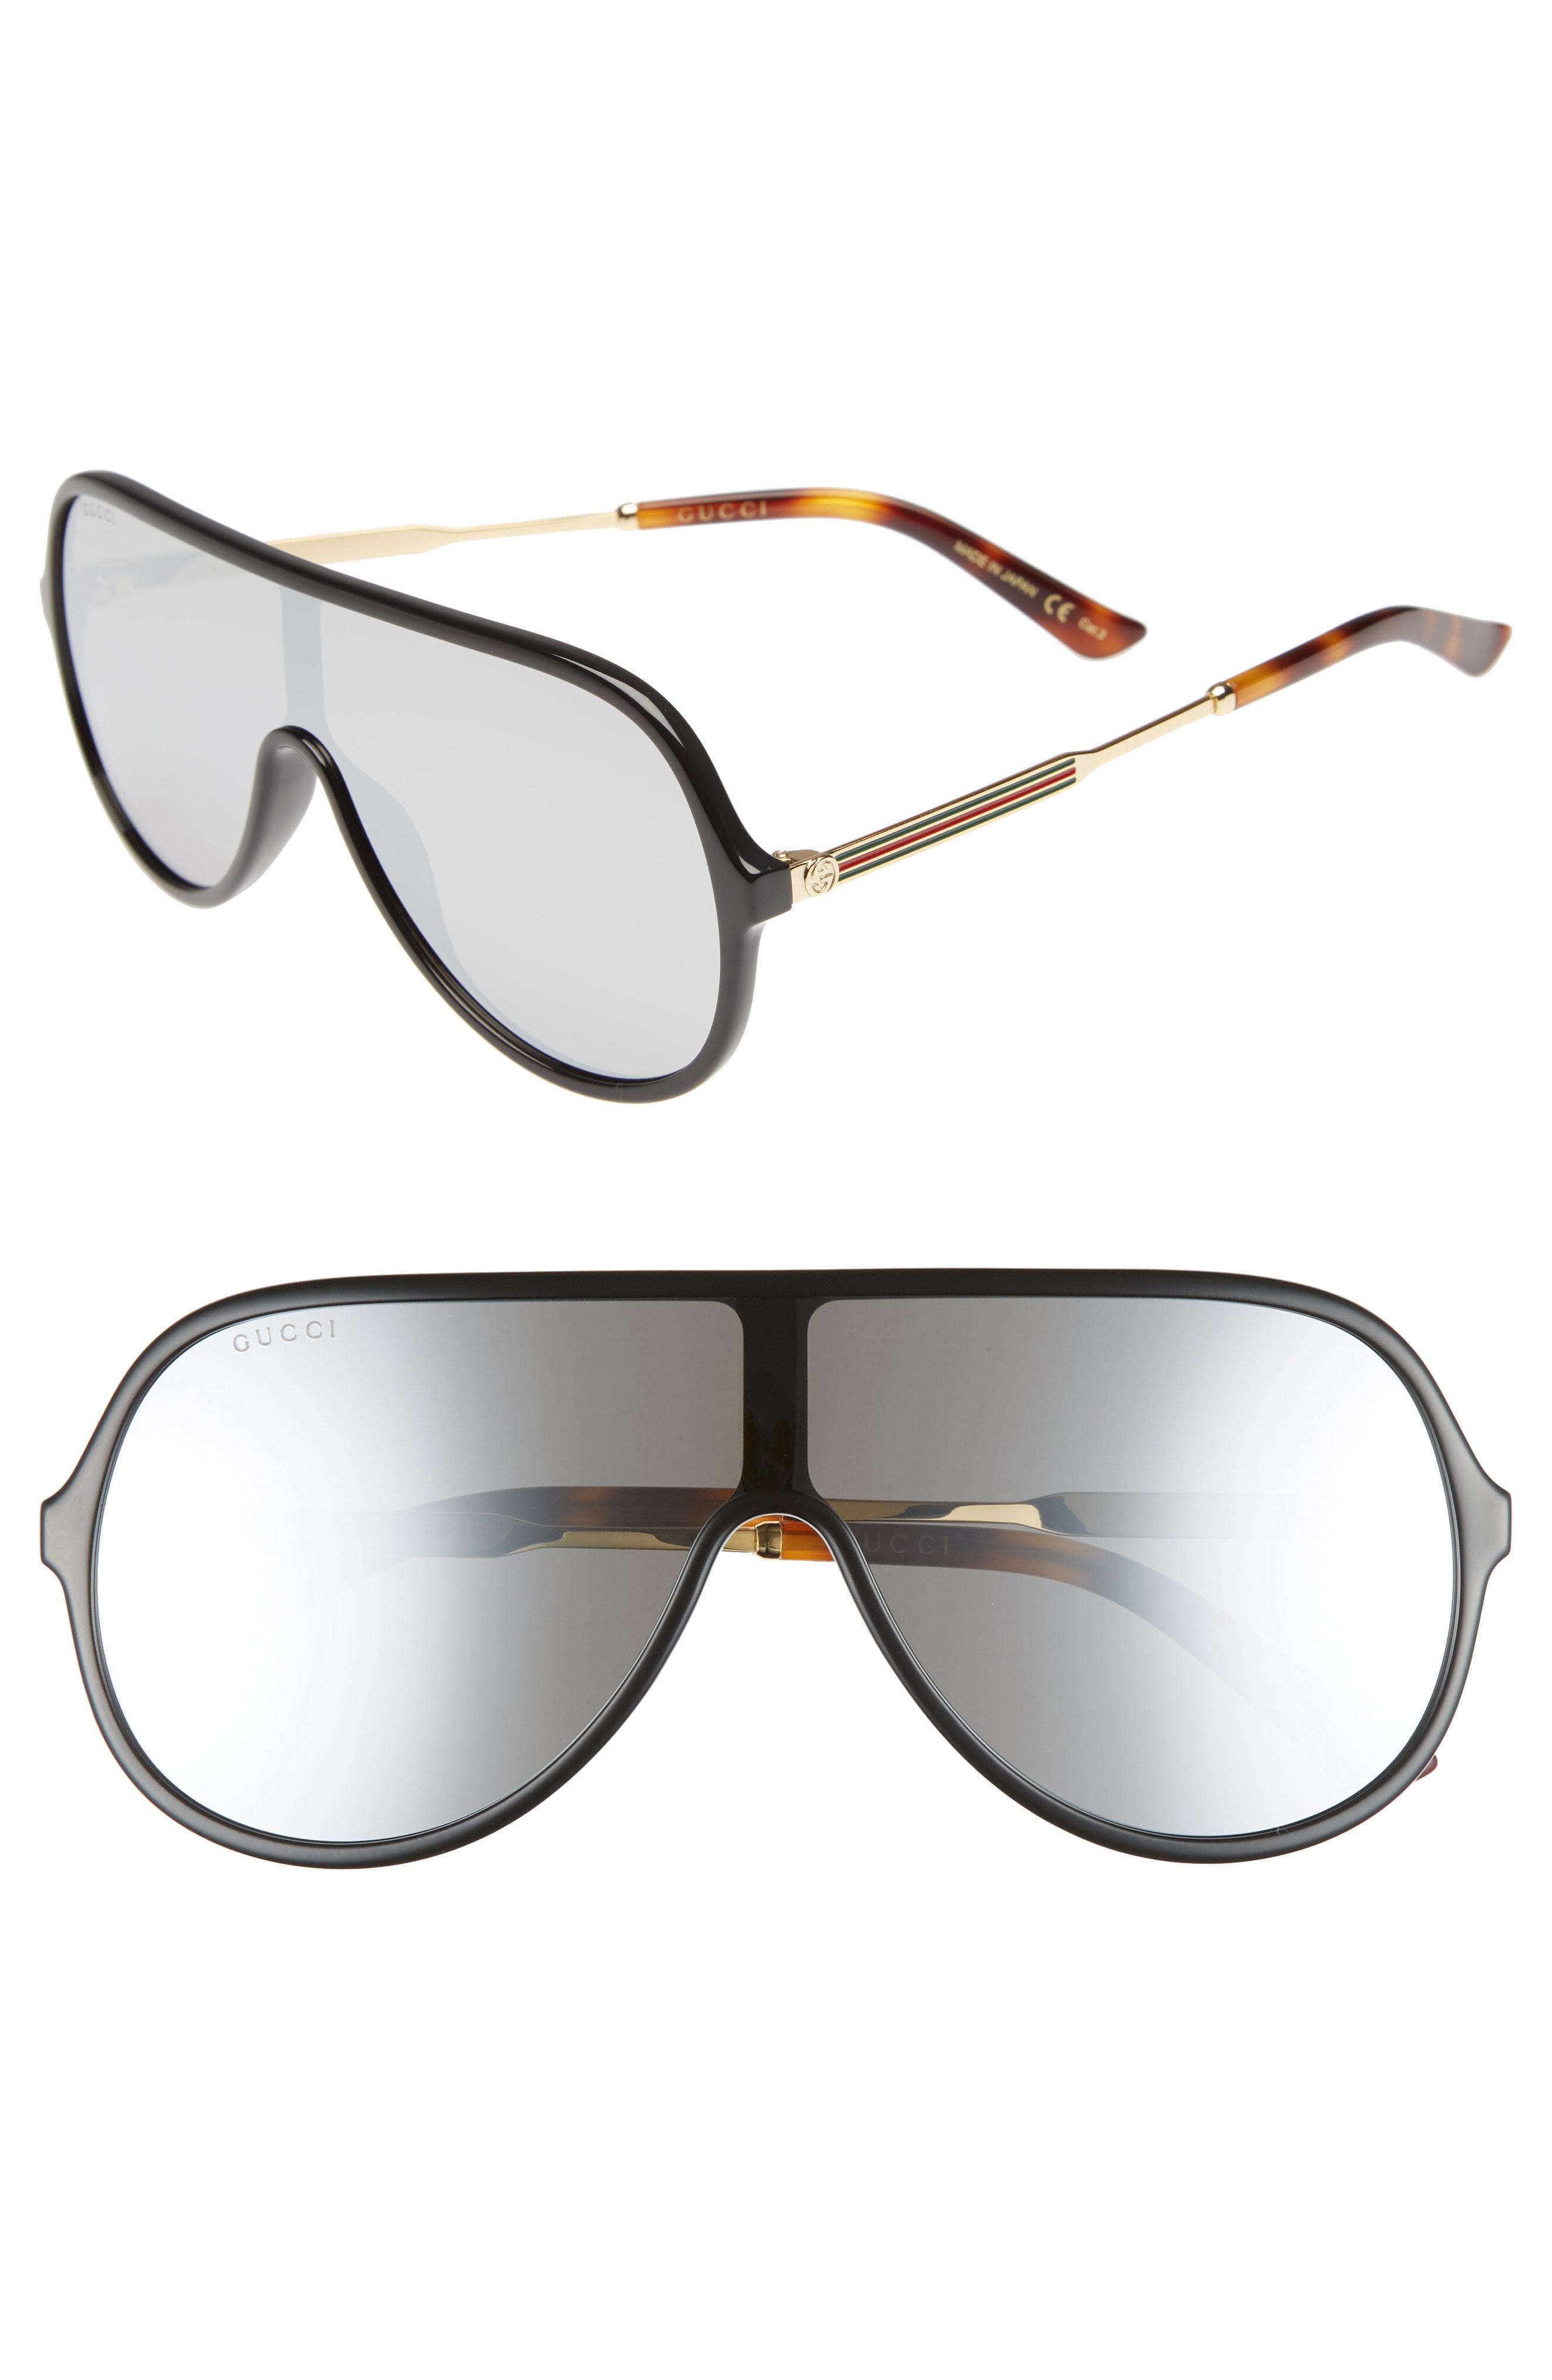 40204f40e94 Lyst - Gucci 99mm Oversize Shield Sunglasses - for Men